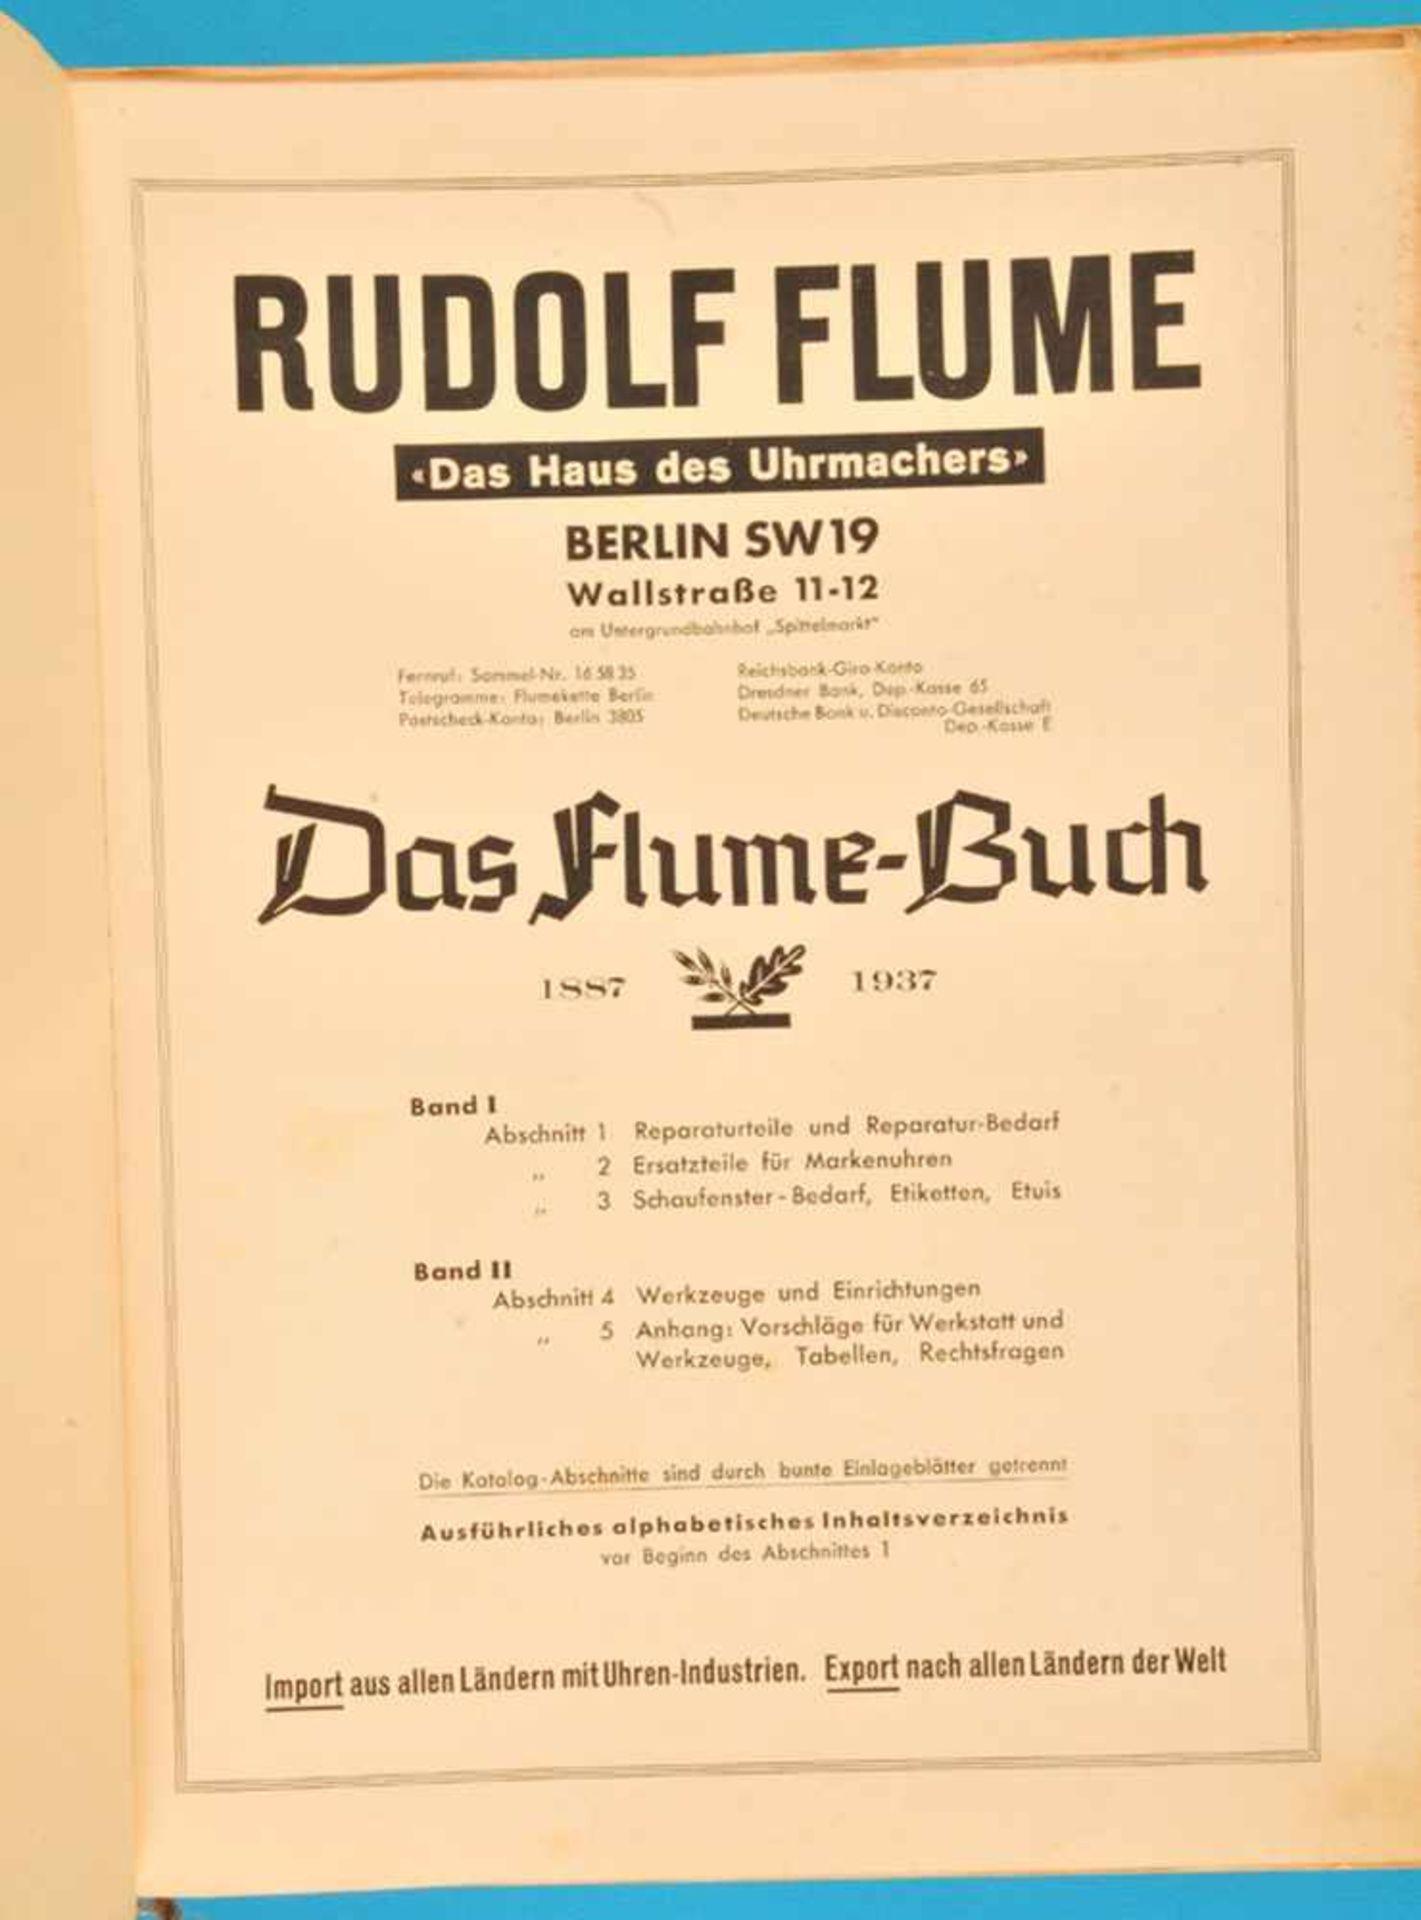 Los 32 - Rudolf Flume, Das Flume-Buch 1887-1937, Hauptkatalog von 1937 zum 50-jährigen Bestehen der Firma